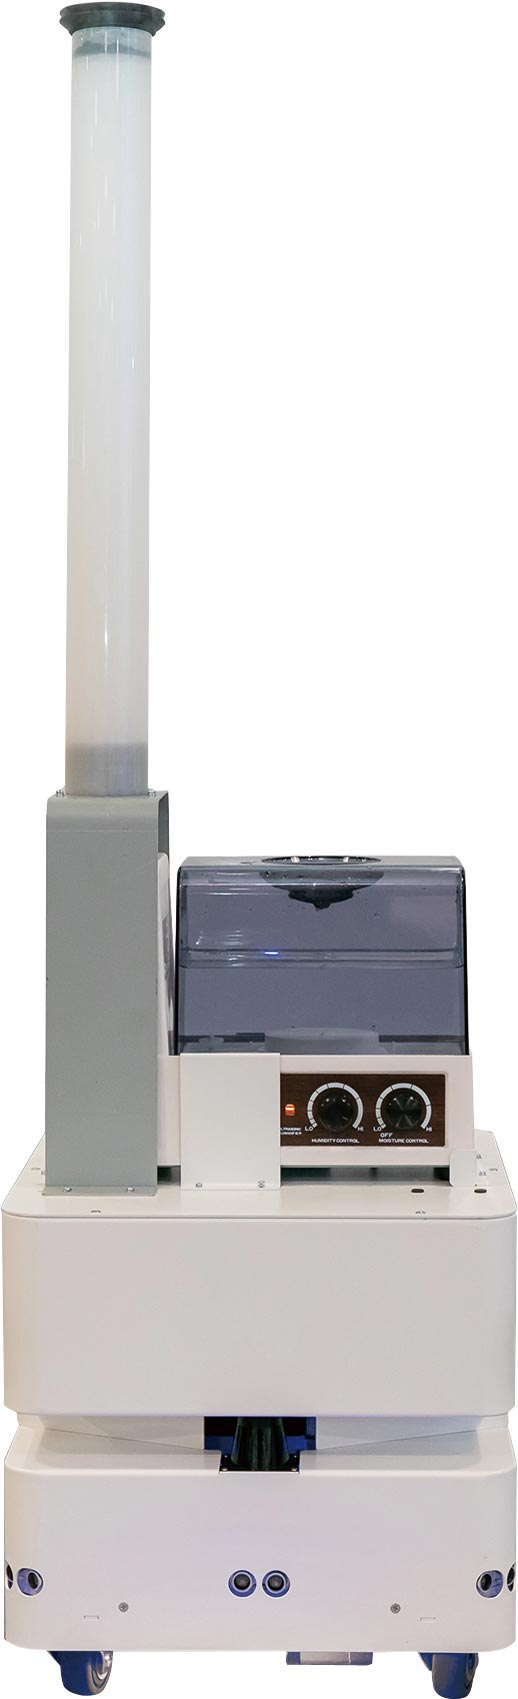 防疫机器人展现东元智慧移动平台(AGV)更多元应用。图/东元提供